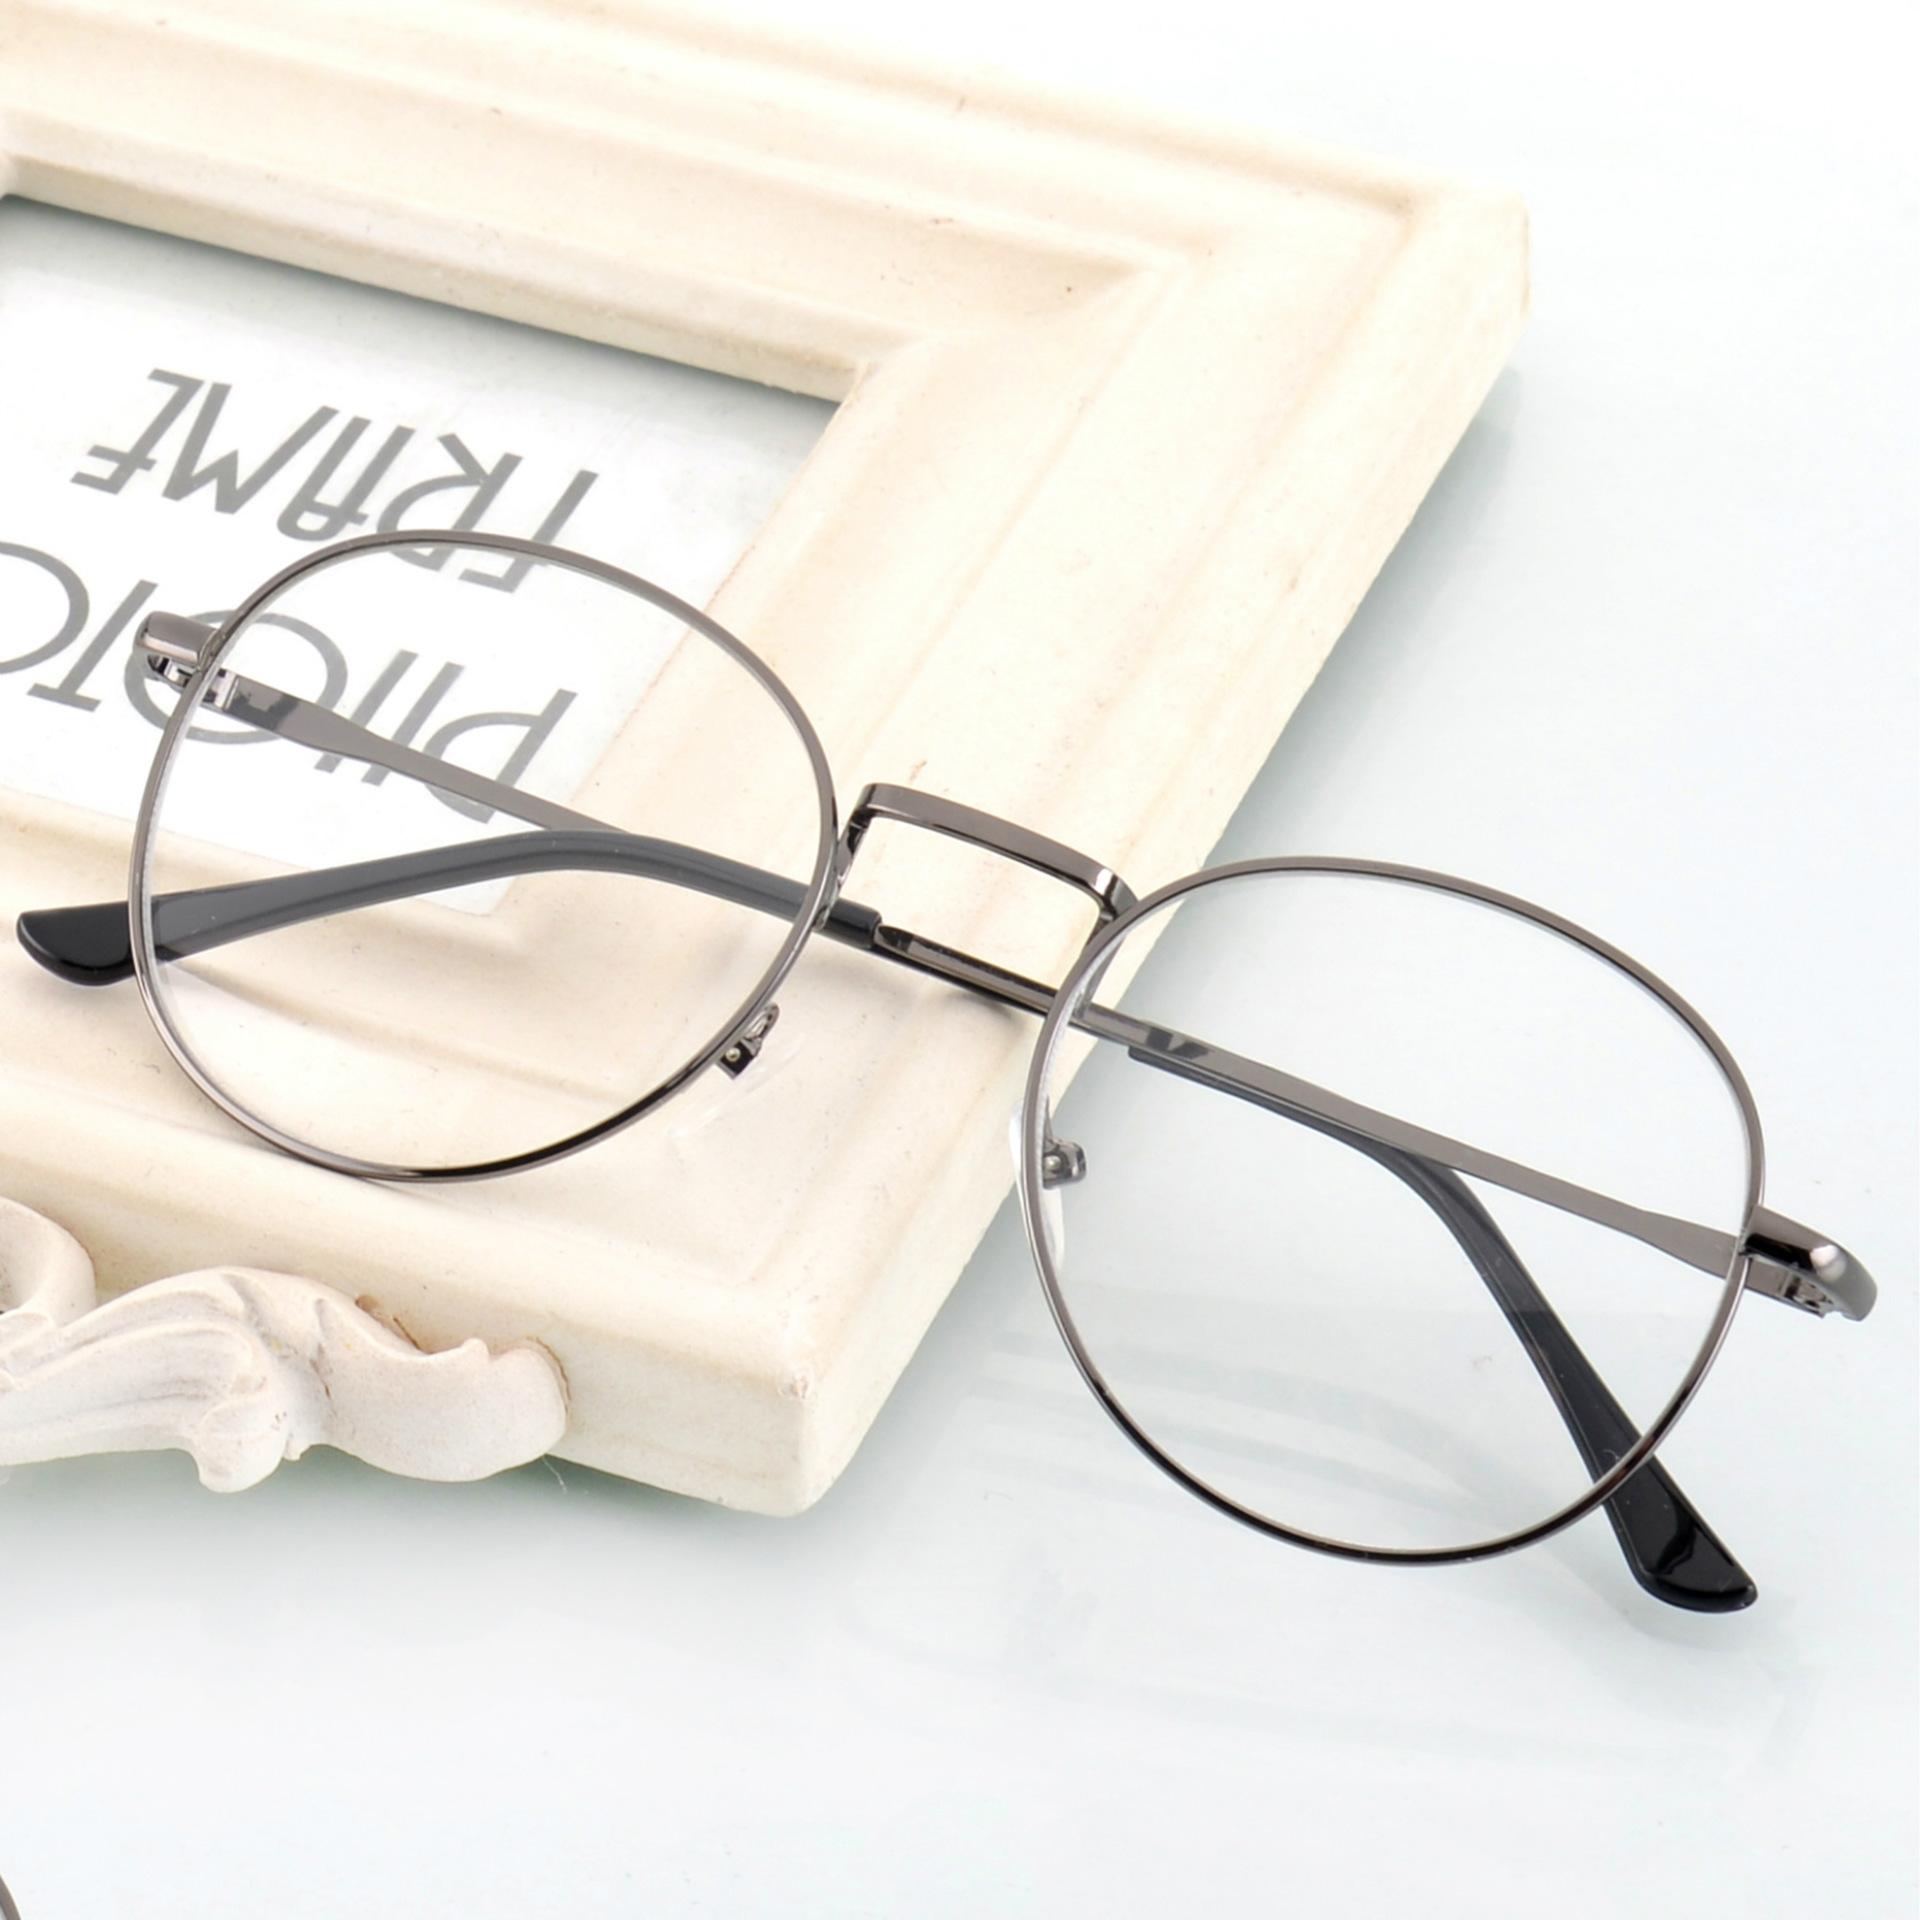 男款全框眼镜框